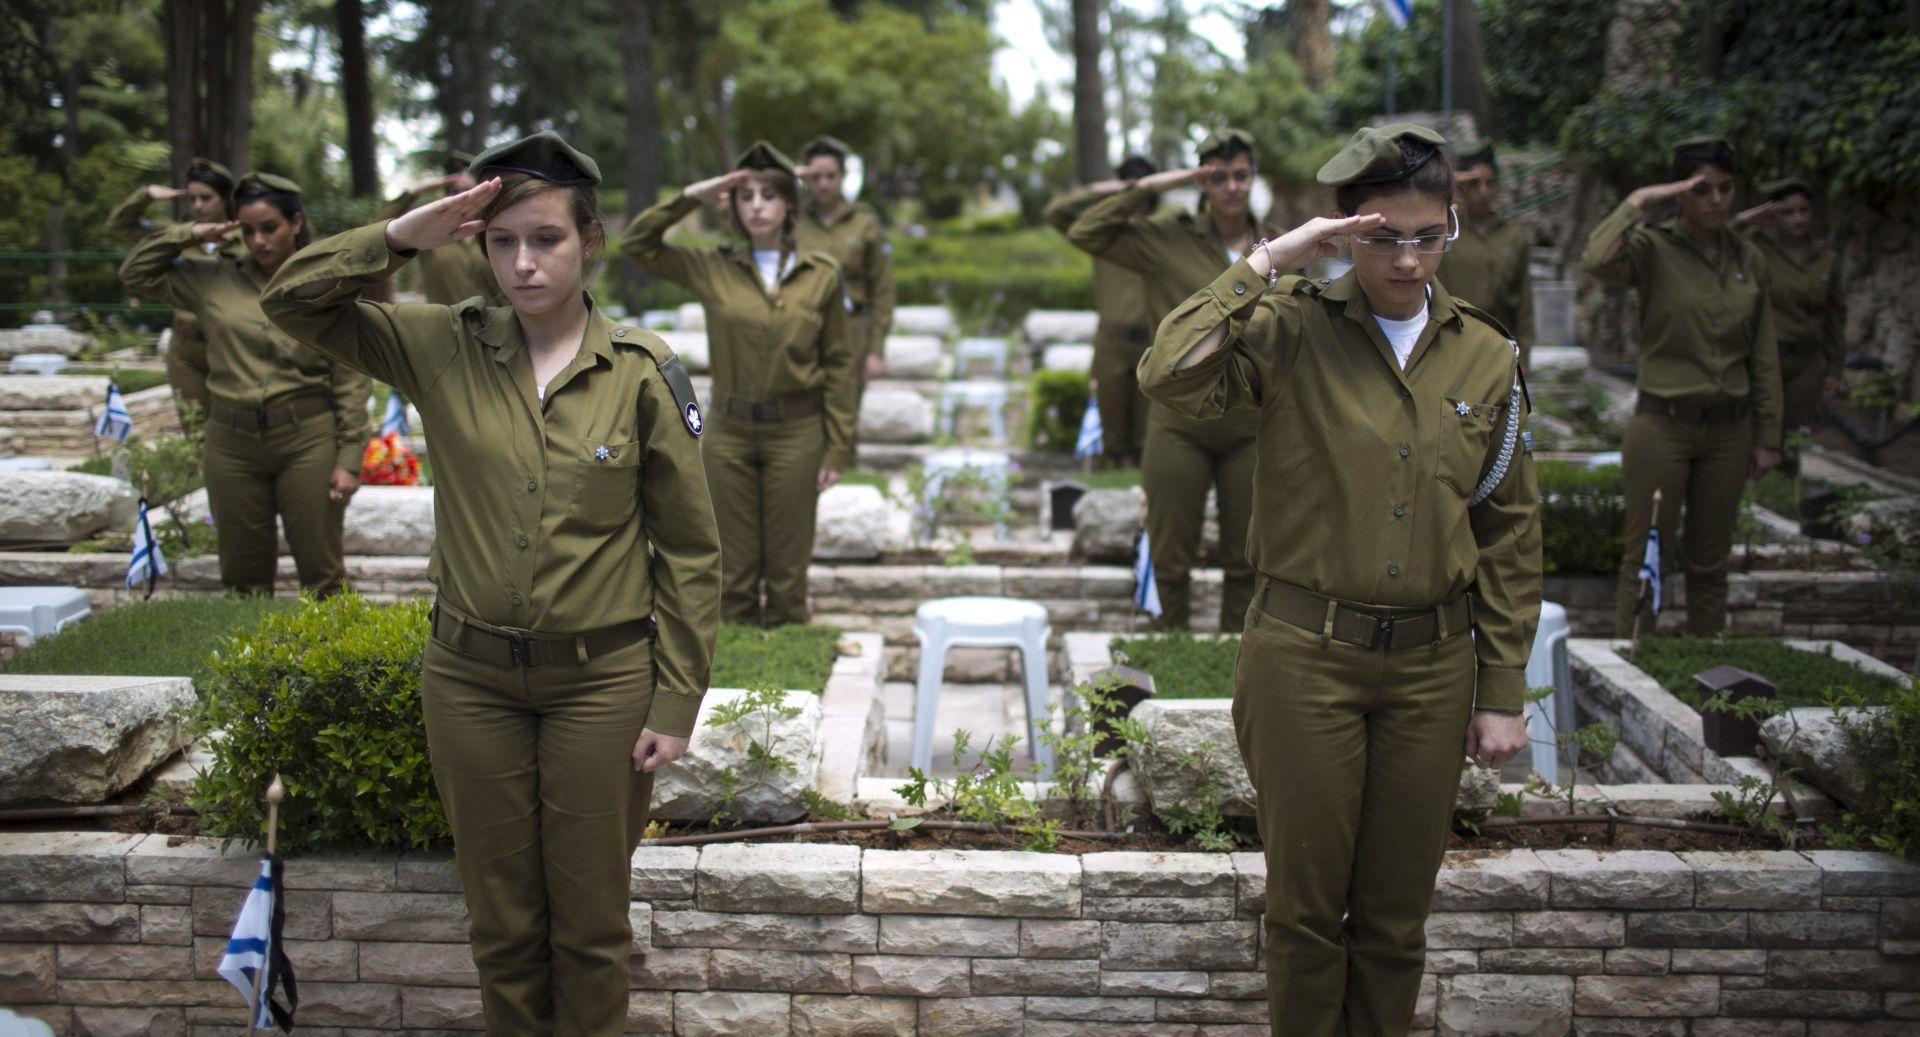 'YOM HAZIKARON': Izrael obilježava Dan sjećanja na pale žrtve